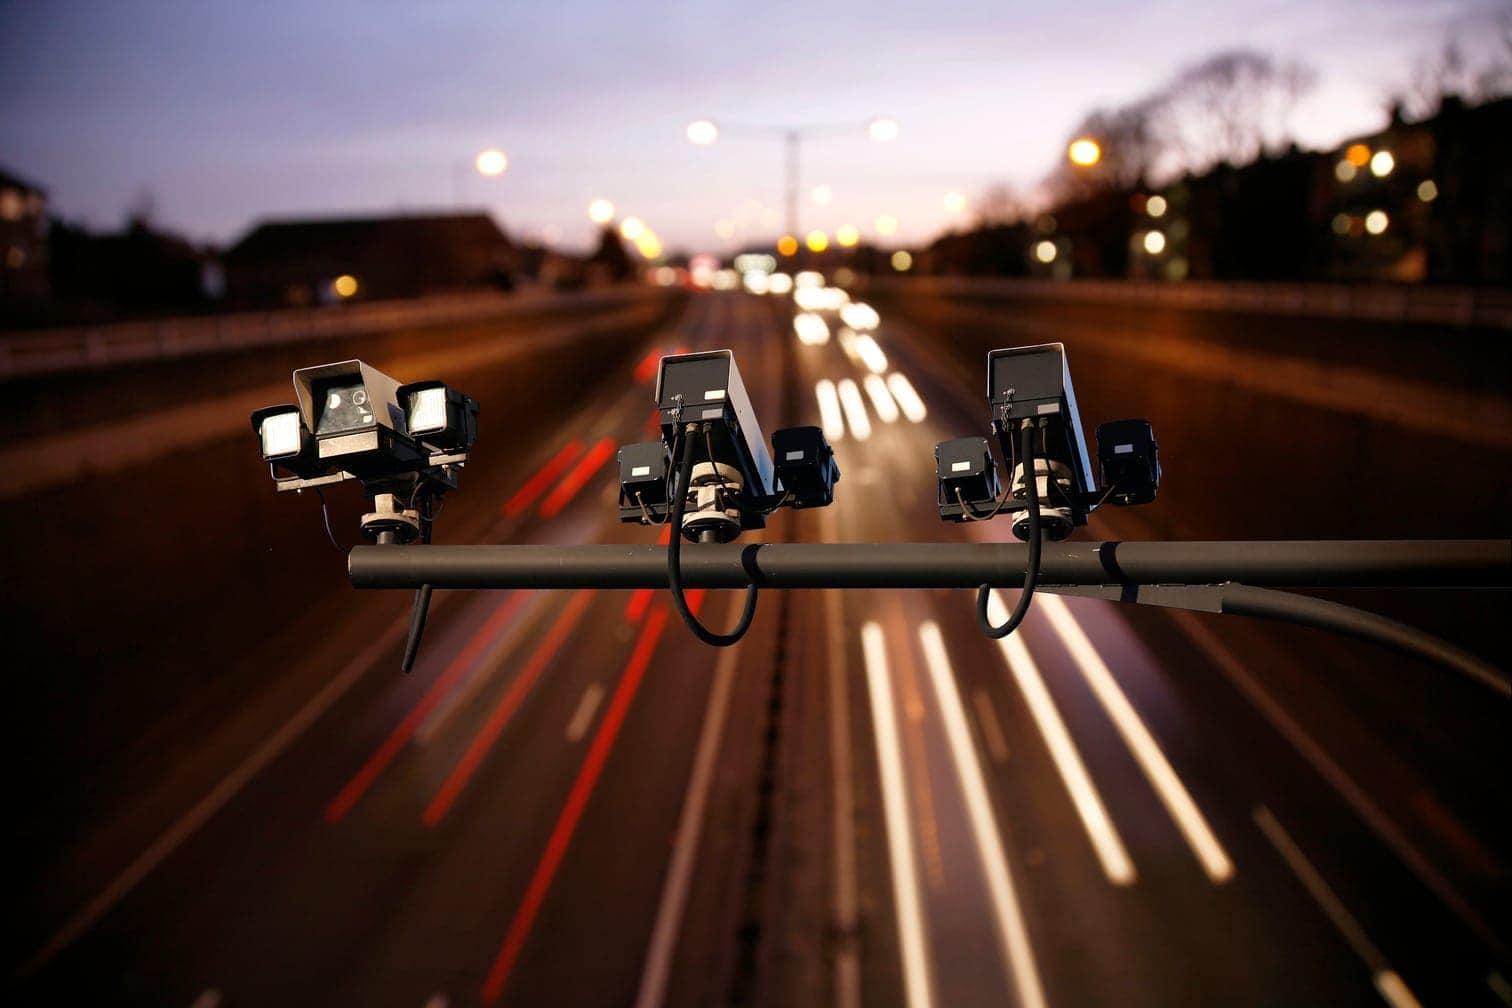 Foto: Shutterstock/Bikeworldtravel